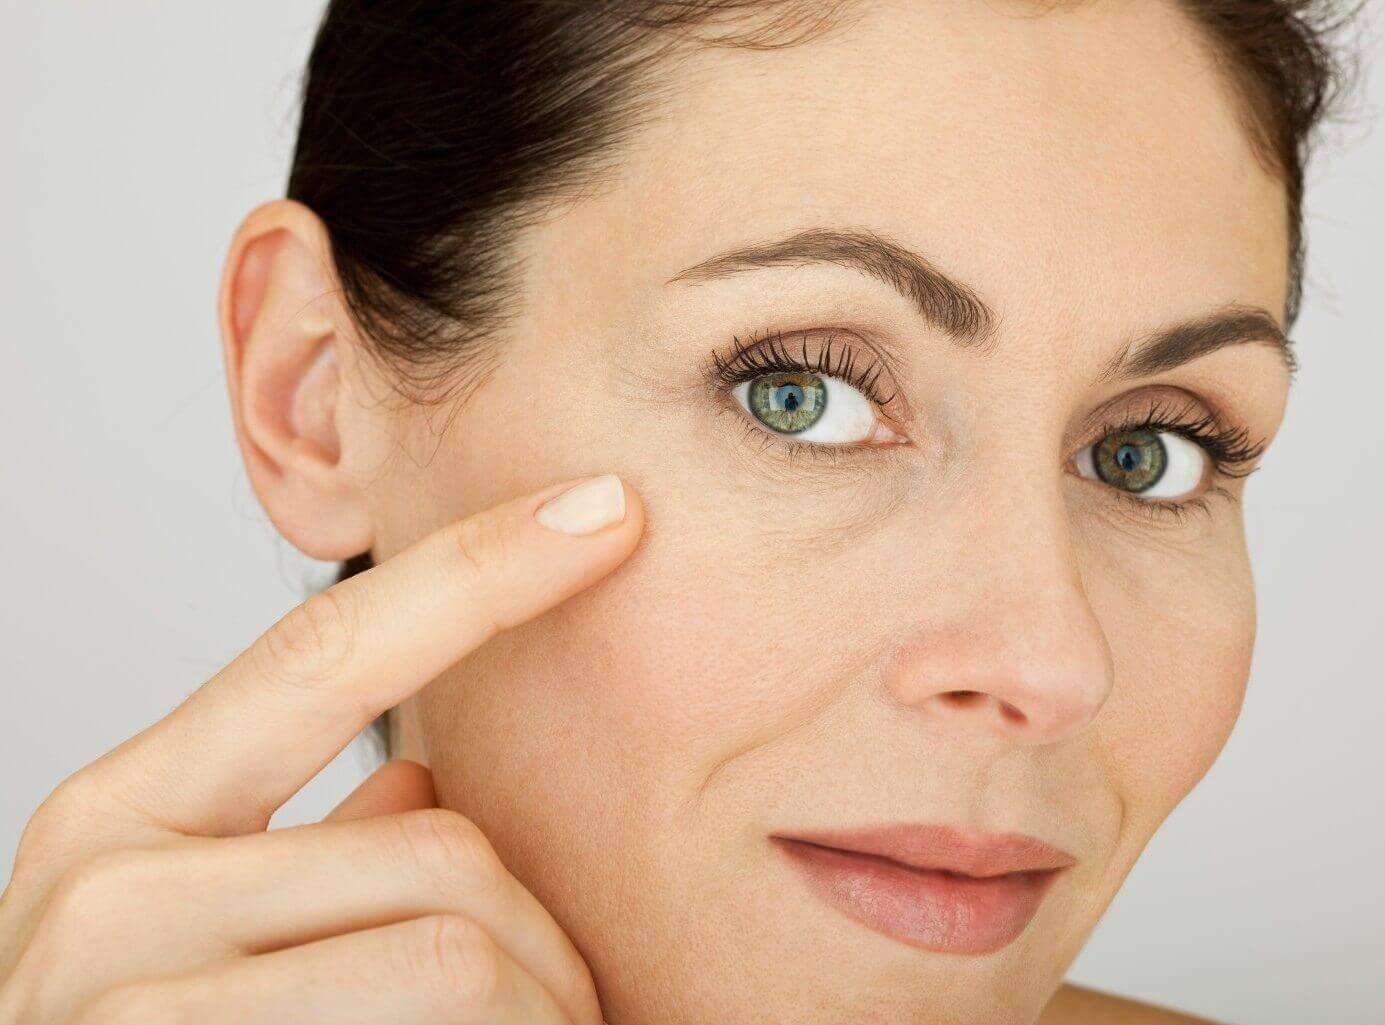 Какие маски от морщин вокруг глаз делать после 40 лет?